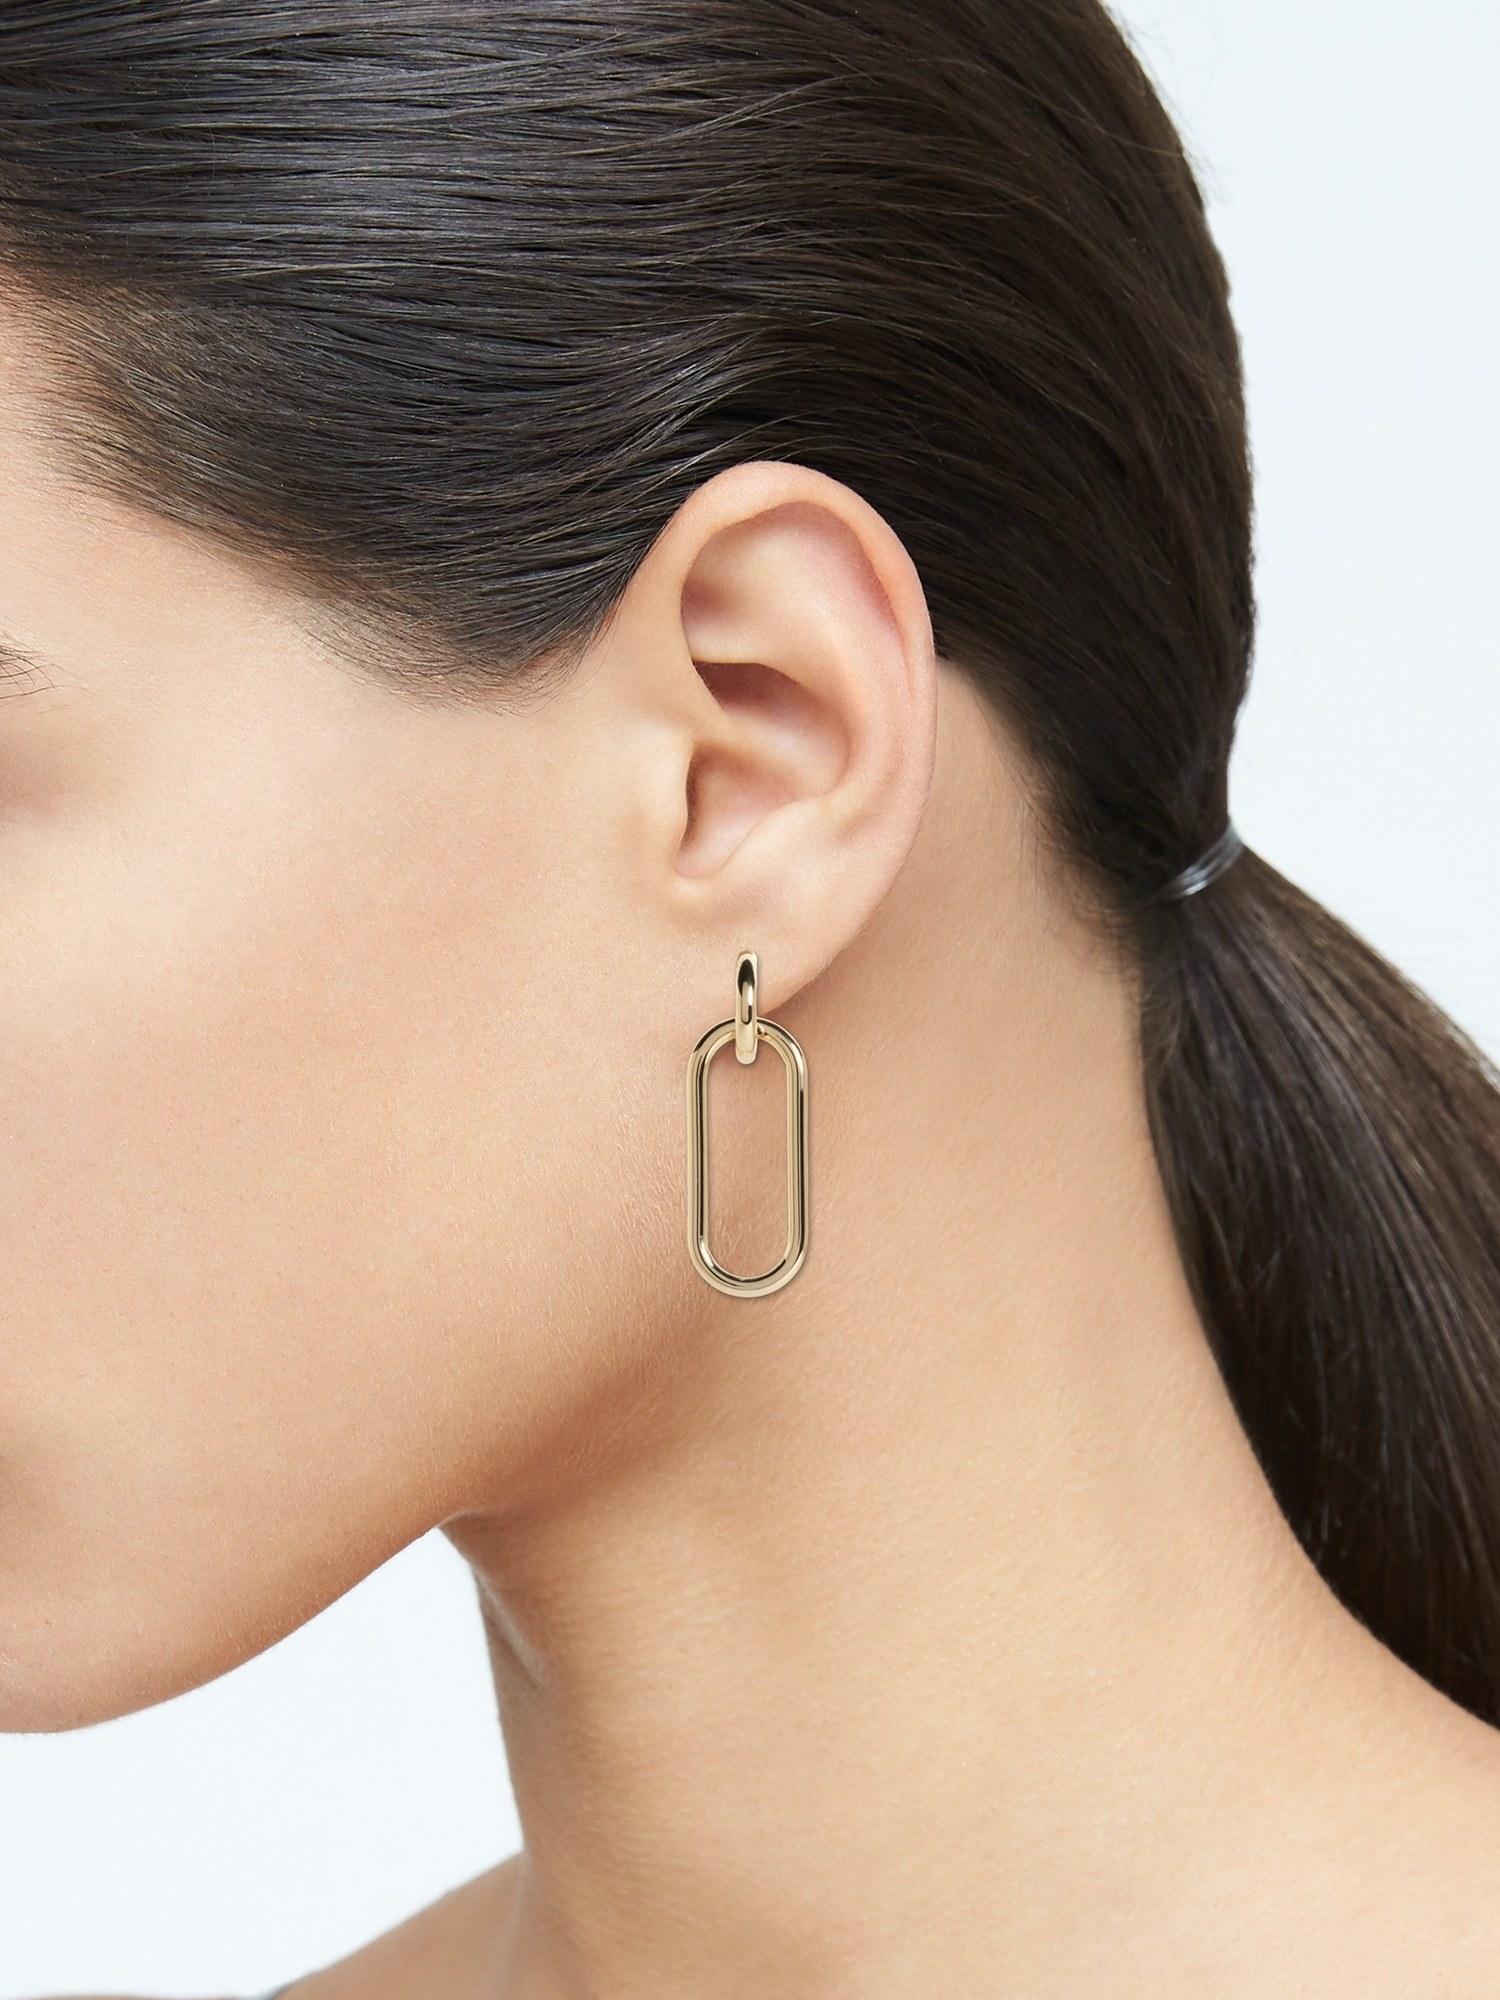 Model wearing the oval-shaped link earrings in gold